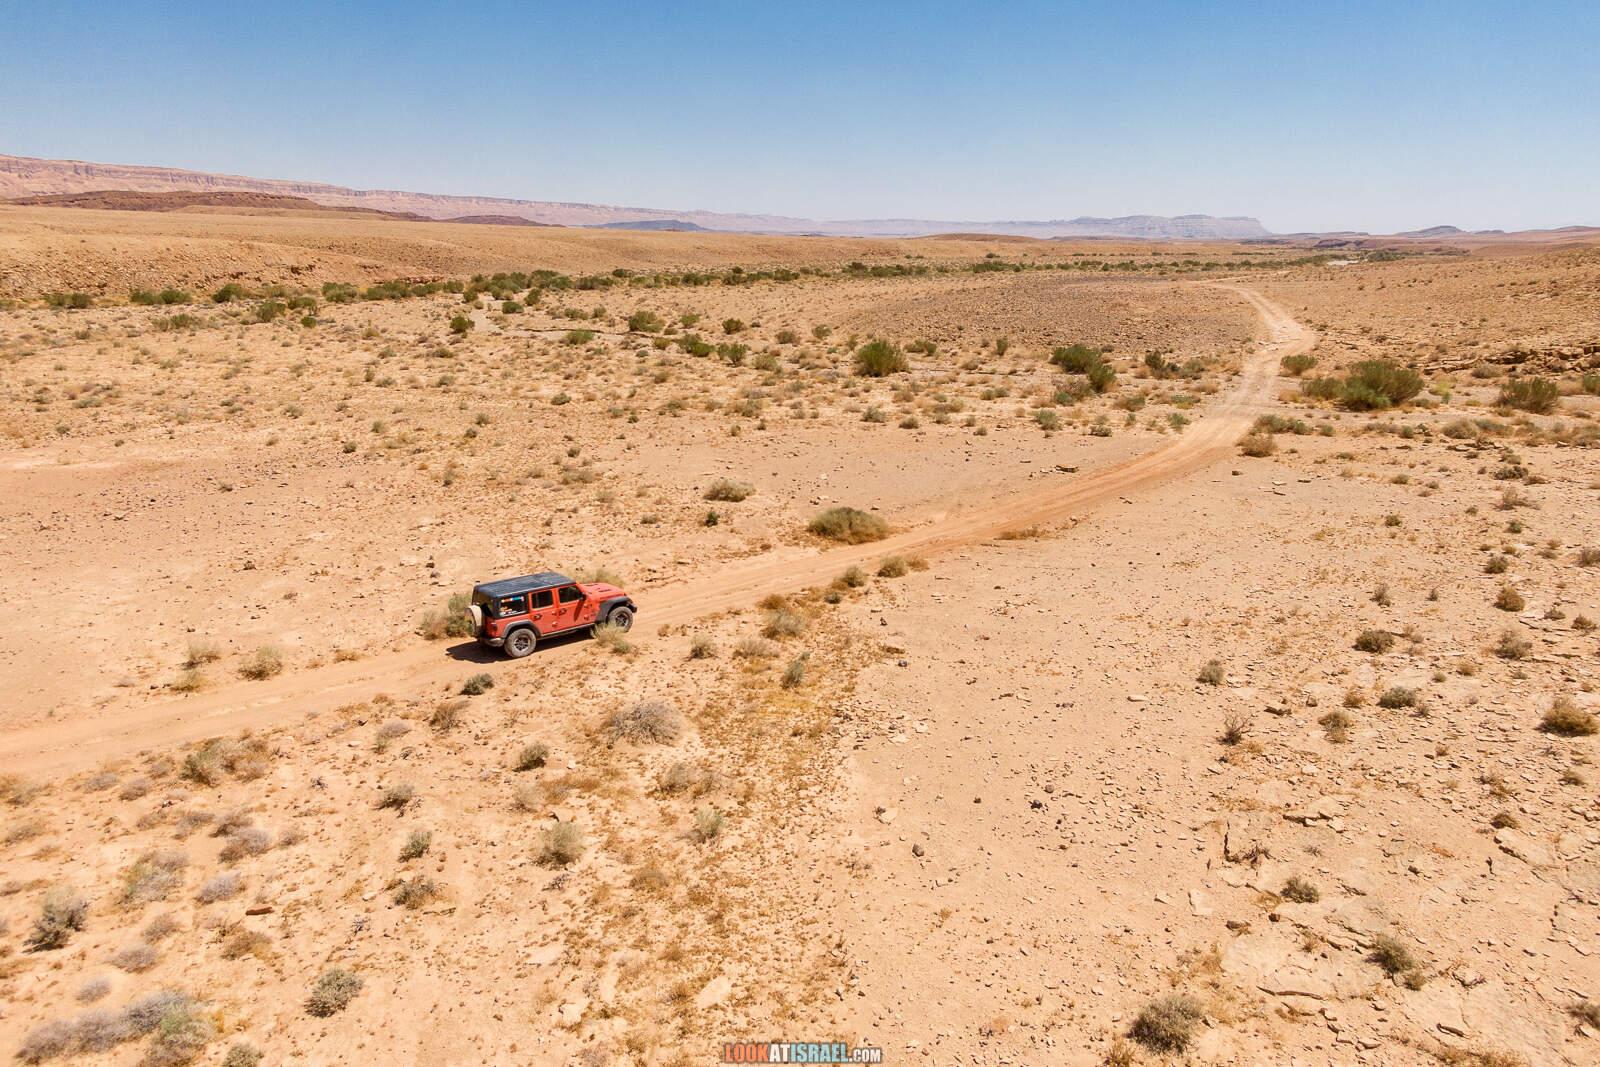 На внедорожнике вокруг махтеш Рамон, ручьи Афифон и Рамон | LookAtIsrael.com - Фото путешествия по Израилю